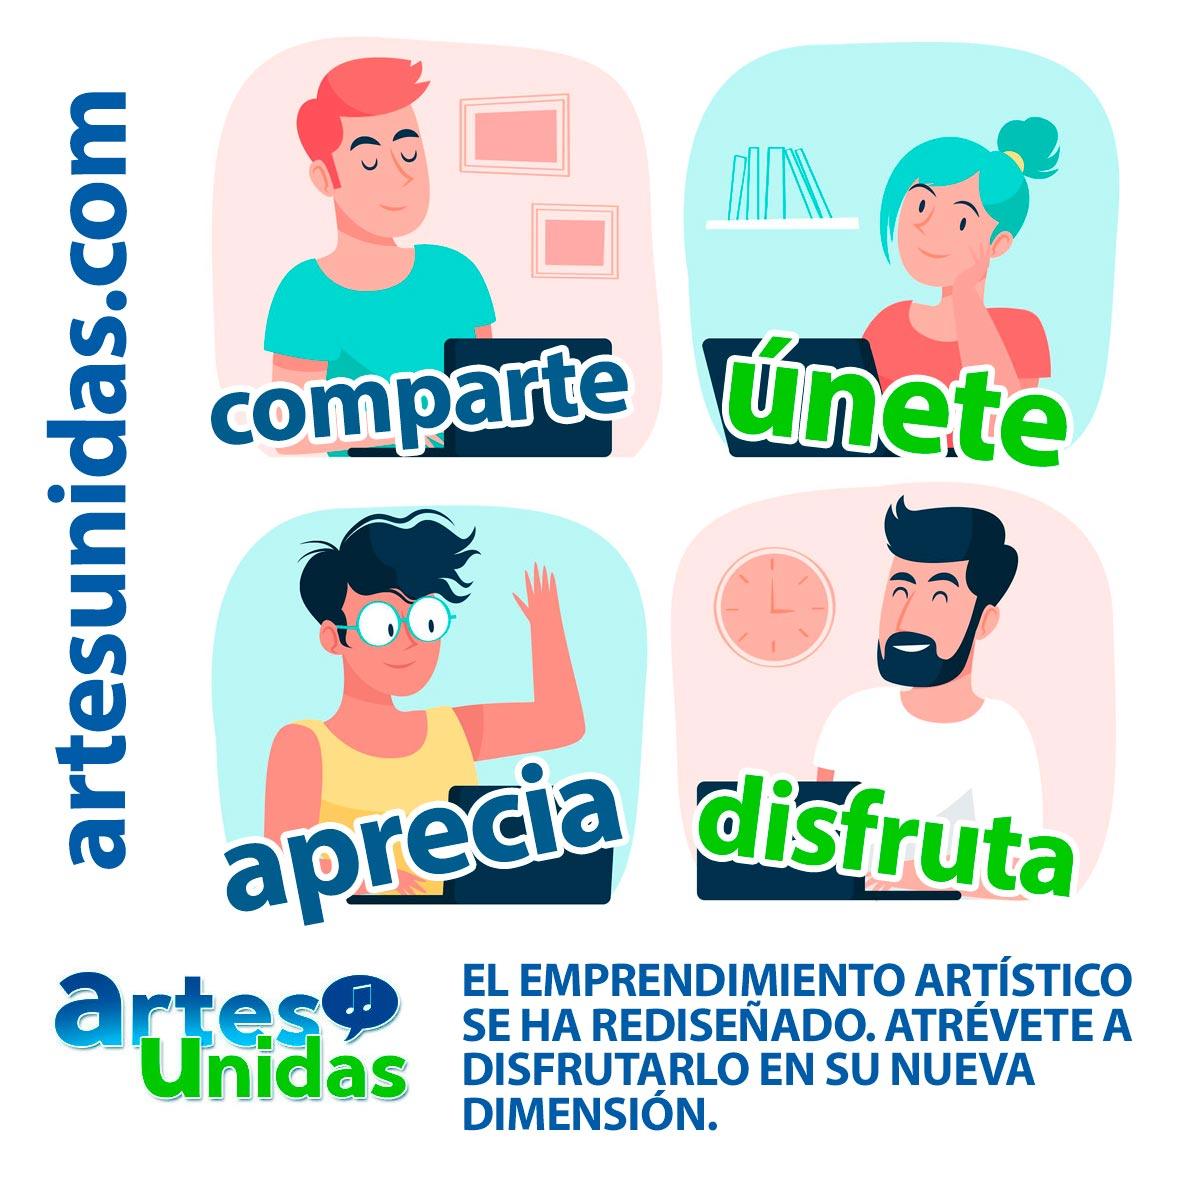 Apoya el Emprendimiento Artístico - ArtesUnidas.com